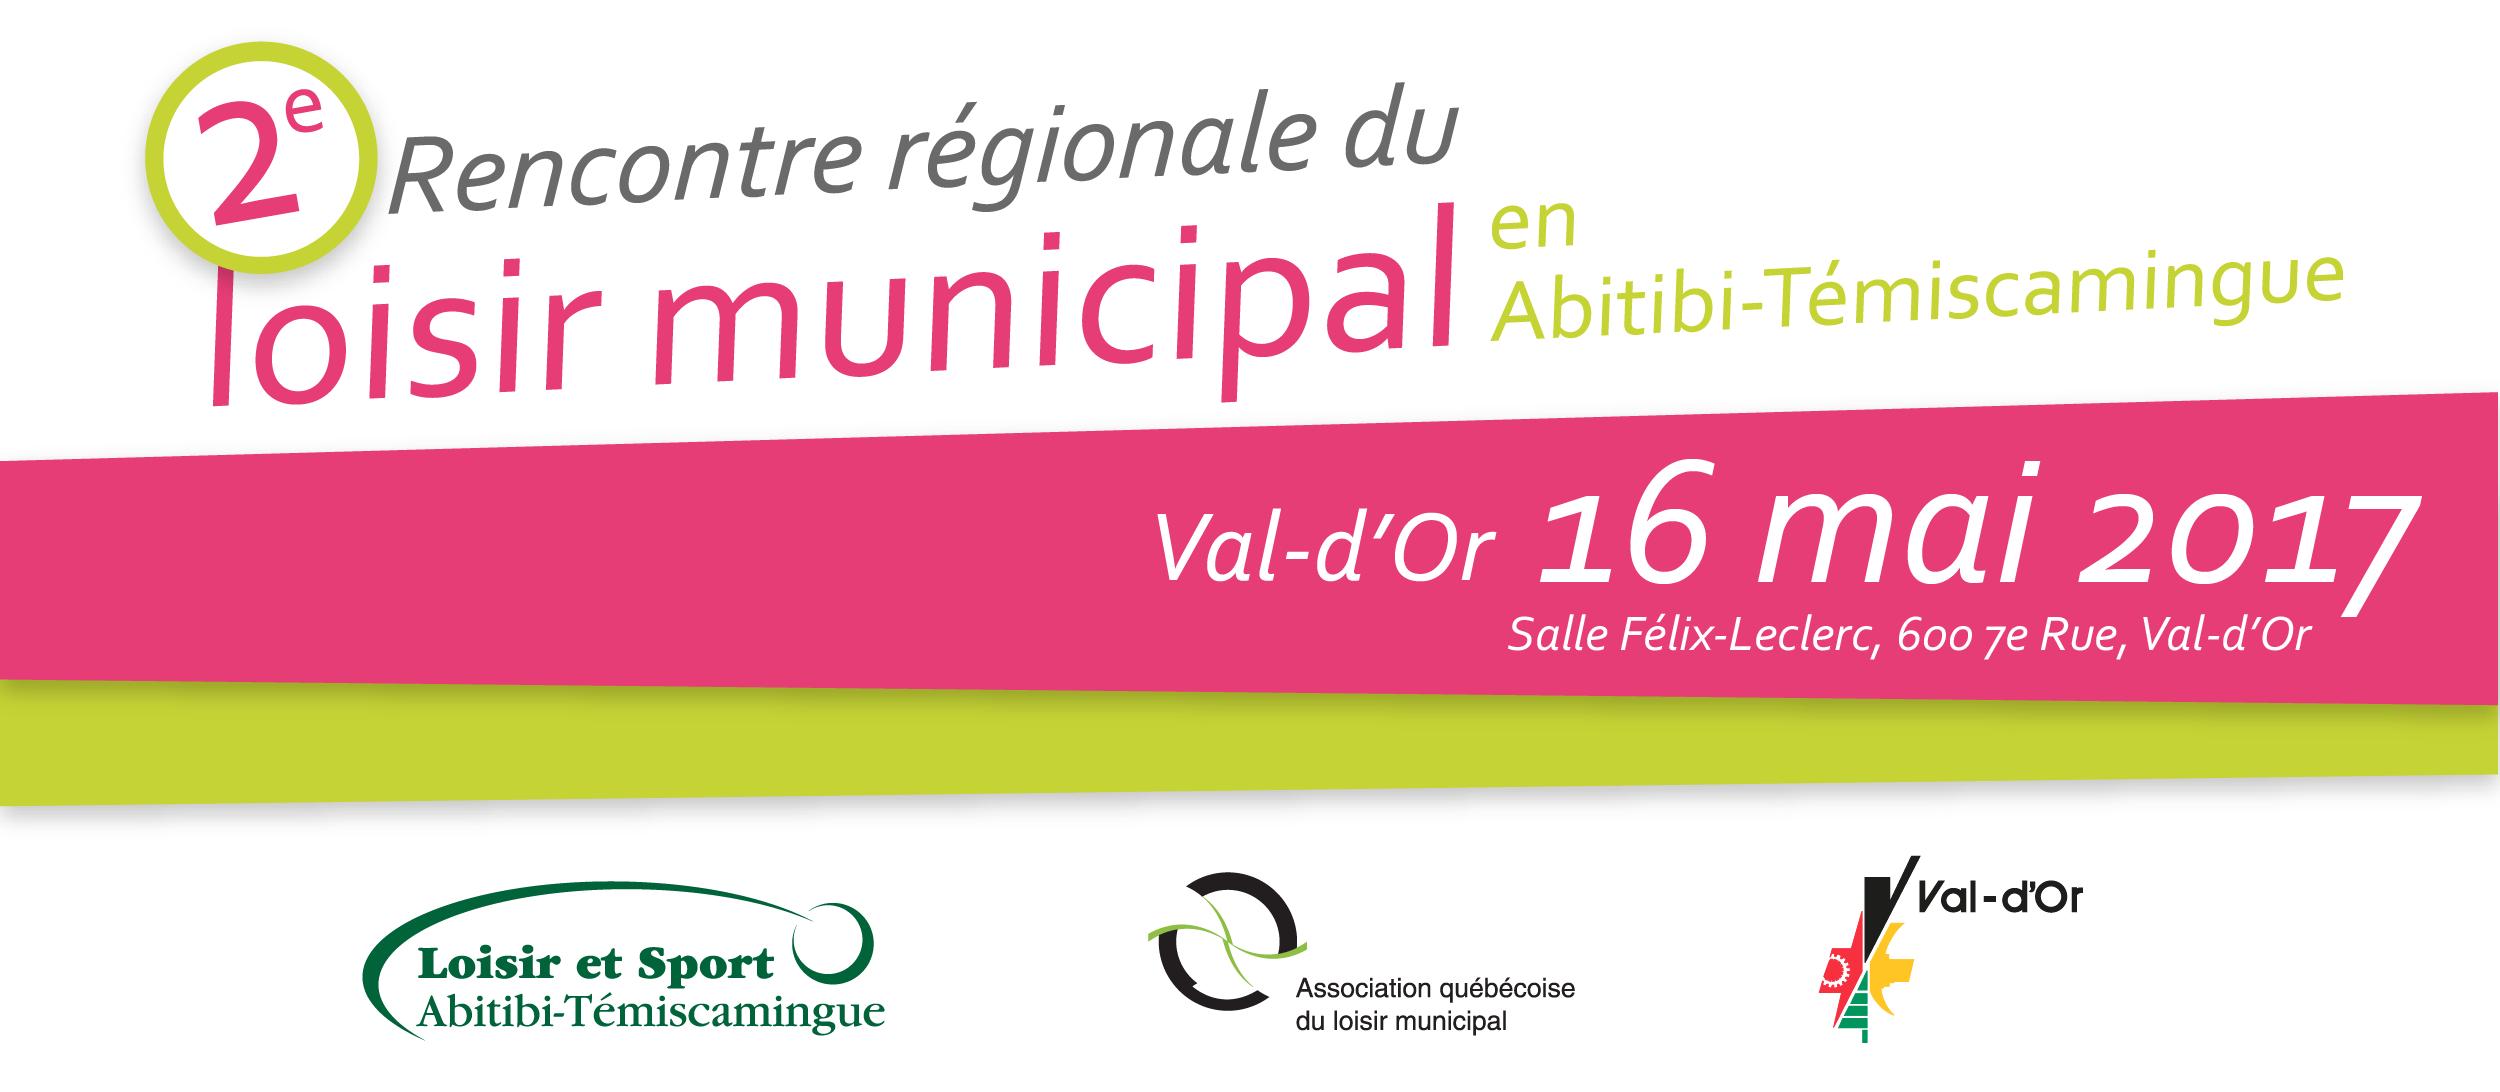 2e Rencontre régionale du loisir municipal